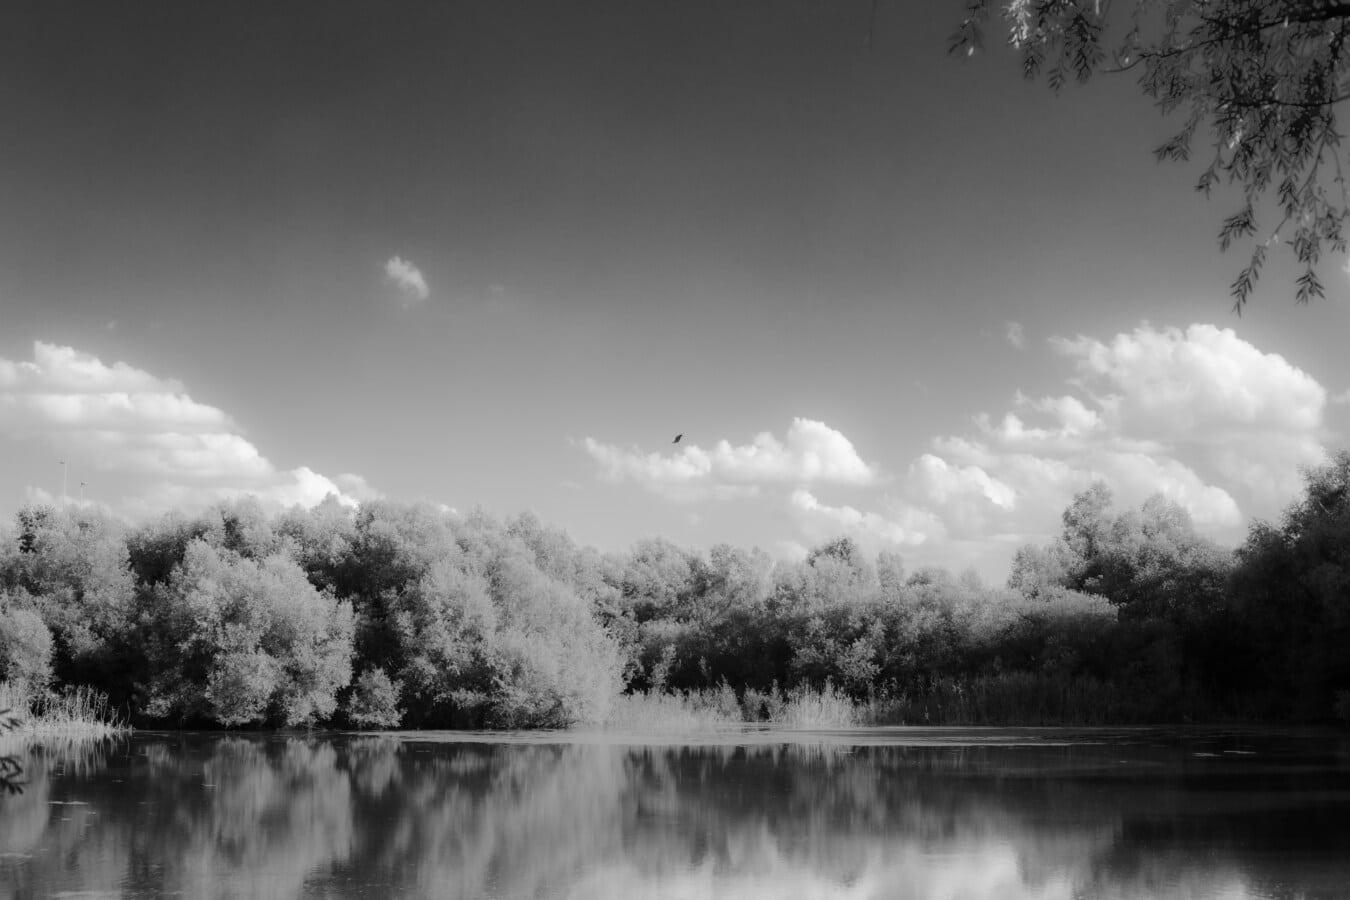 noir et blanc, gris, monochrome, Lac, au bord du lac, arbres, eau, atmosphère, paysage, arbre